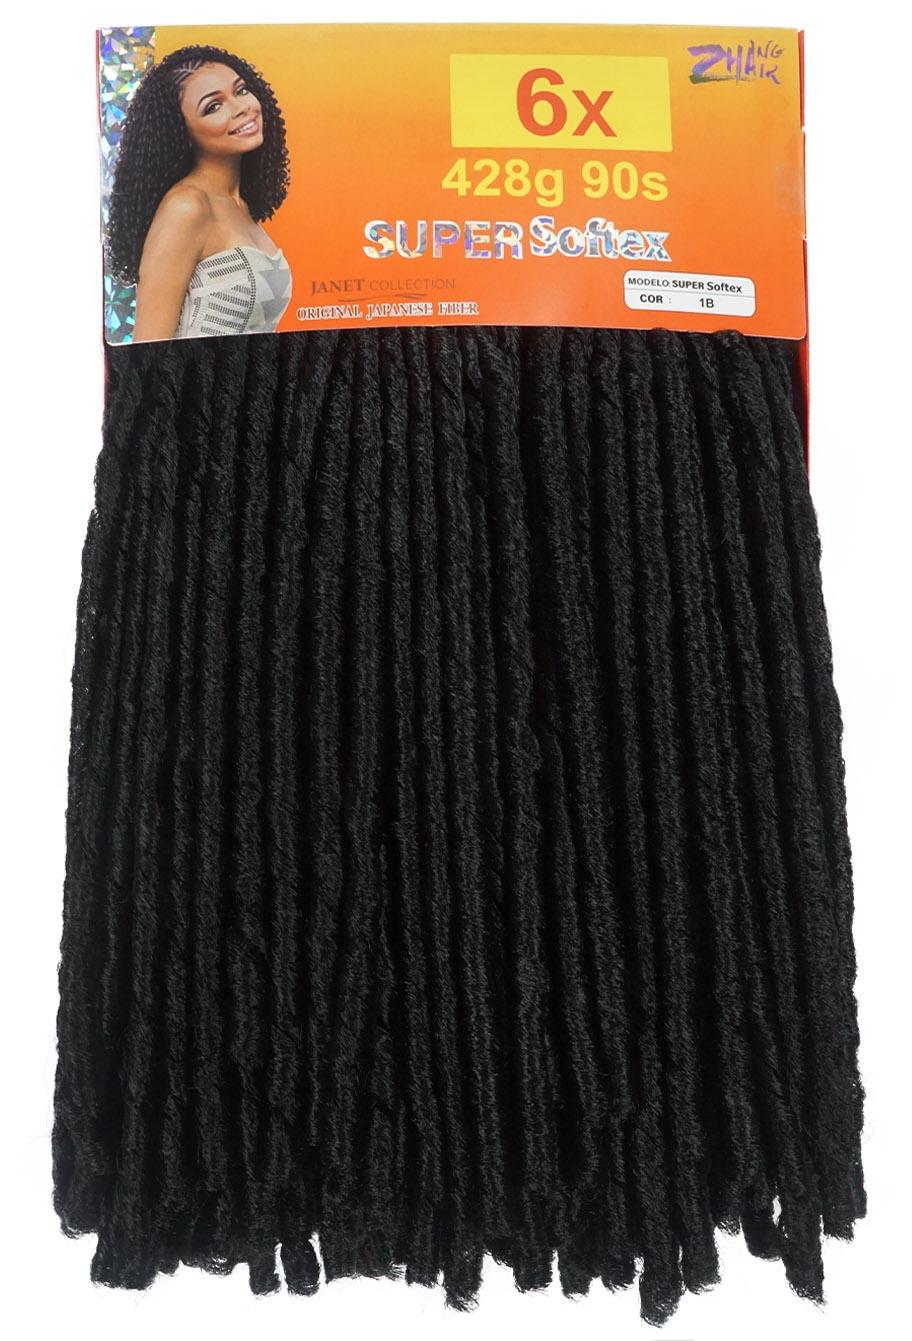 Super Softex - Zhang Hair -  Pacotão 6 Pacotes em 1